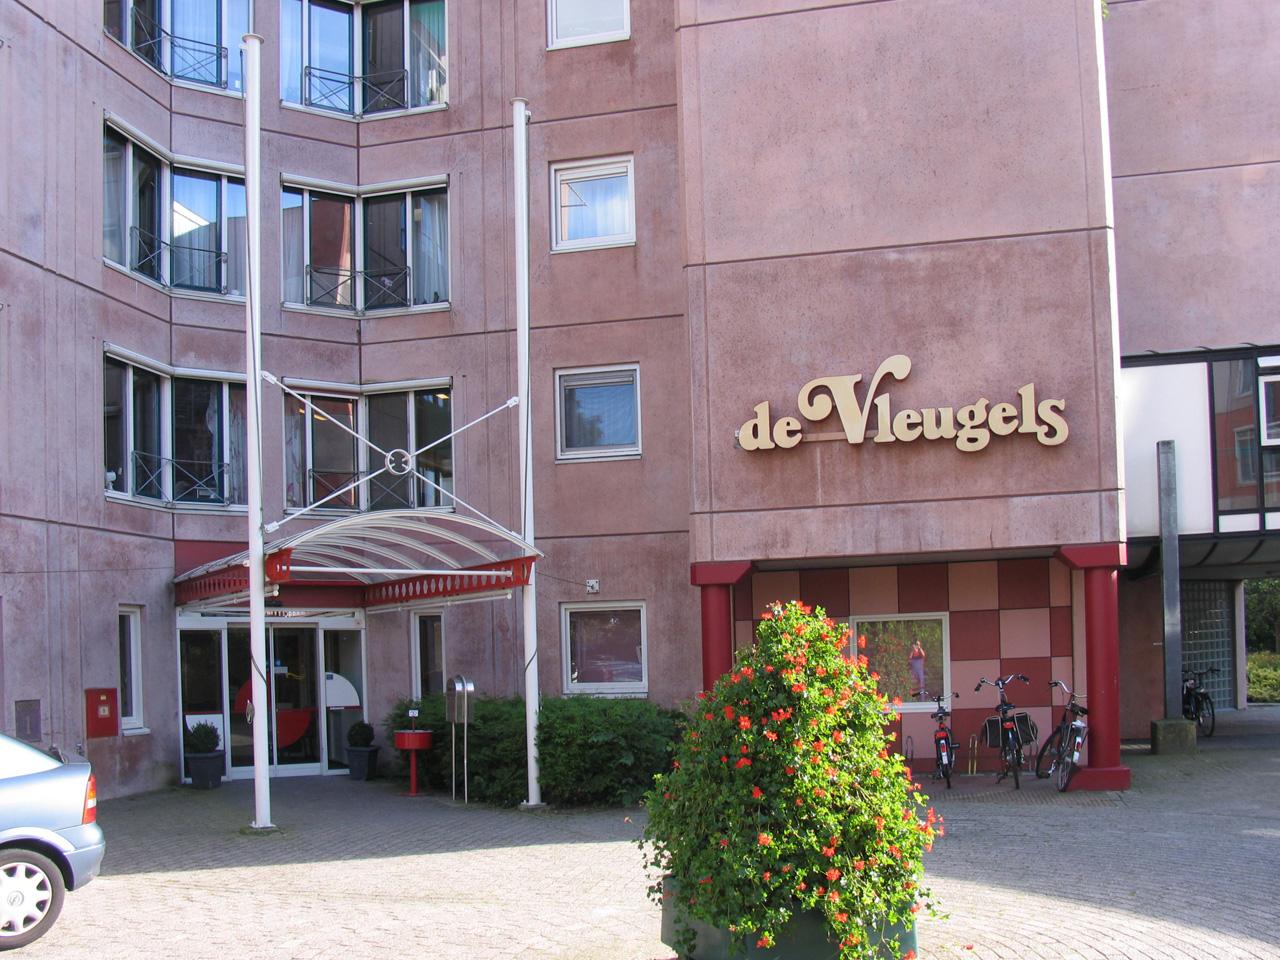 Afbeelding 5 / 8 - Alkmaar - Verzorgingshuis Terborghof